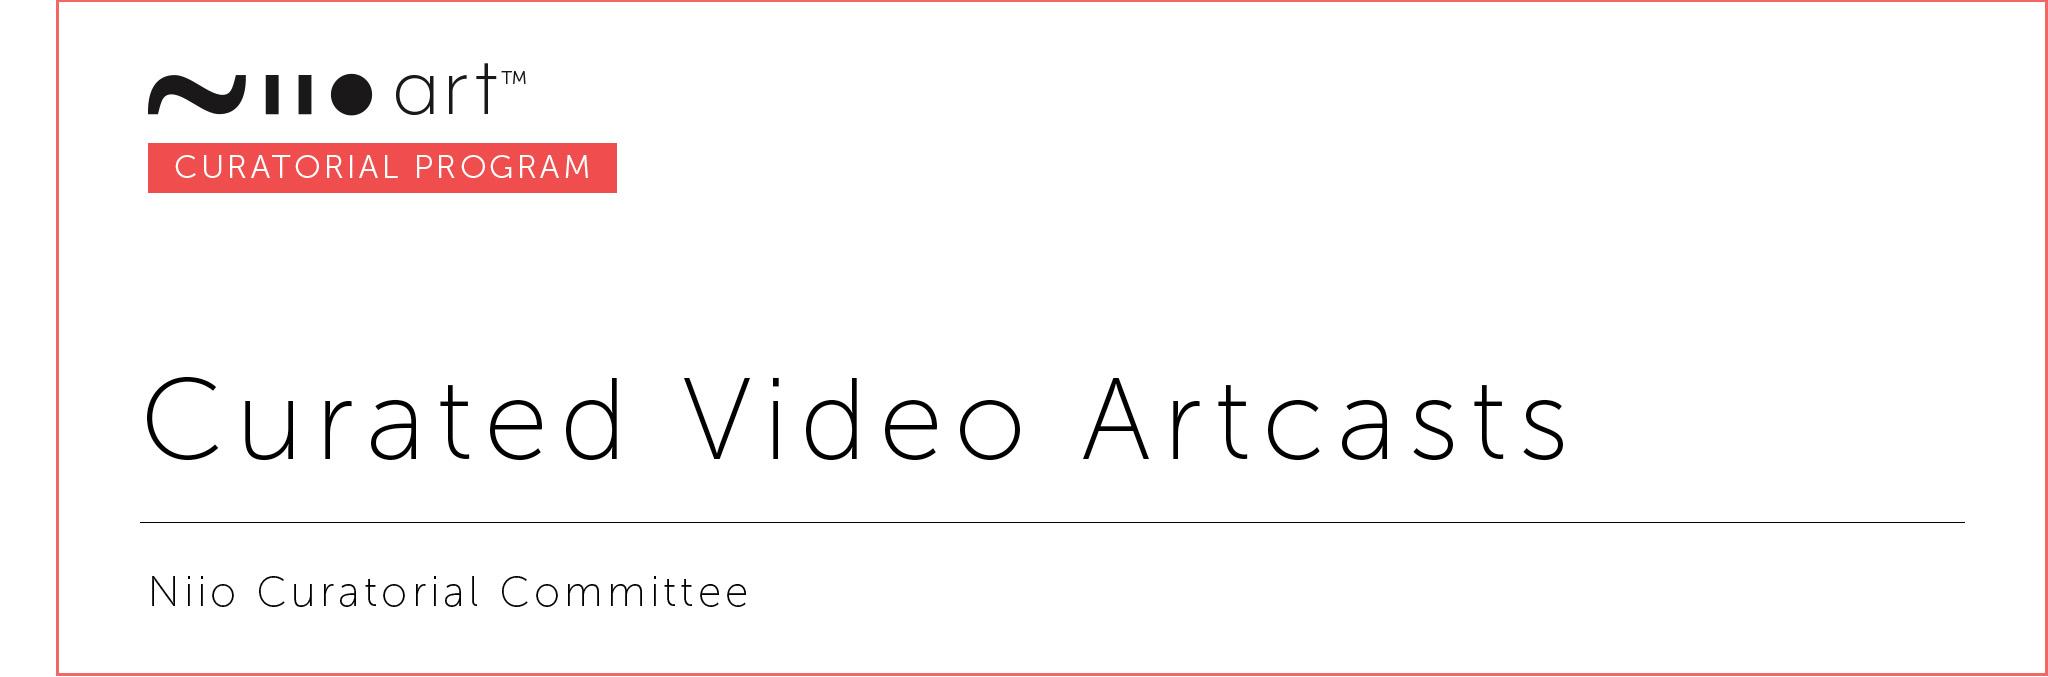 Curated Video Art Programs04white-stroke.jpg